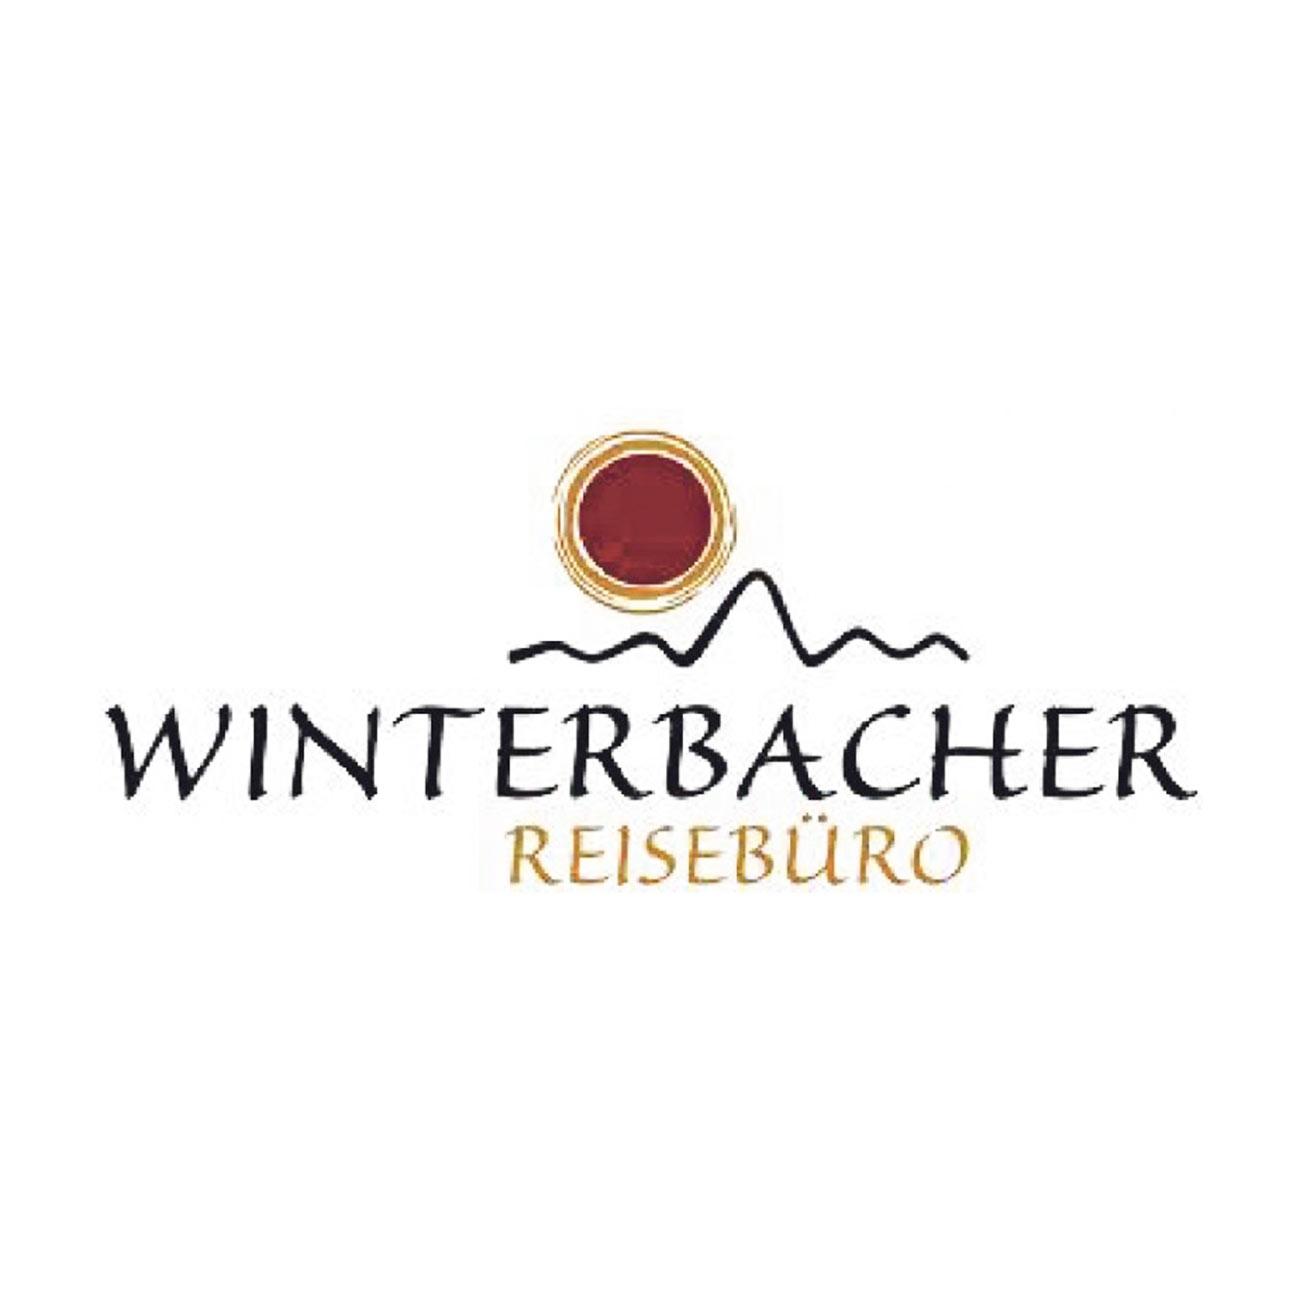 Winterbacher Reisebüro